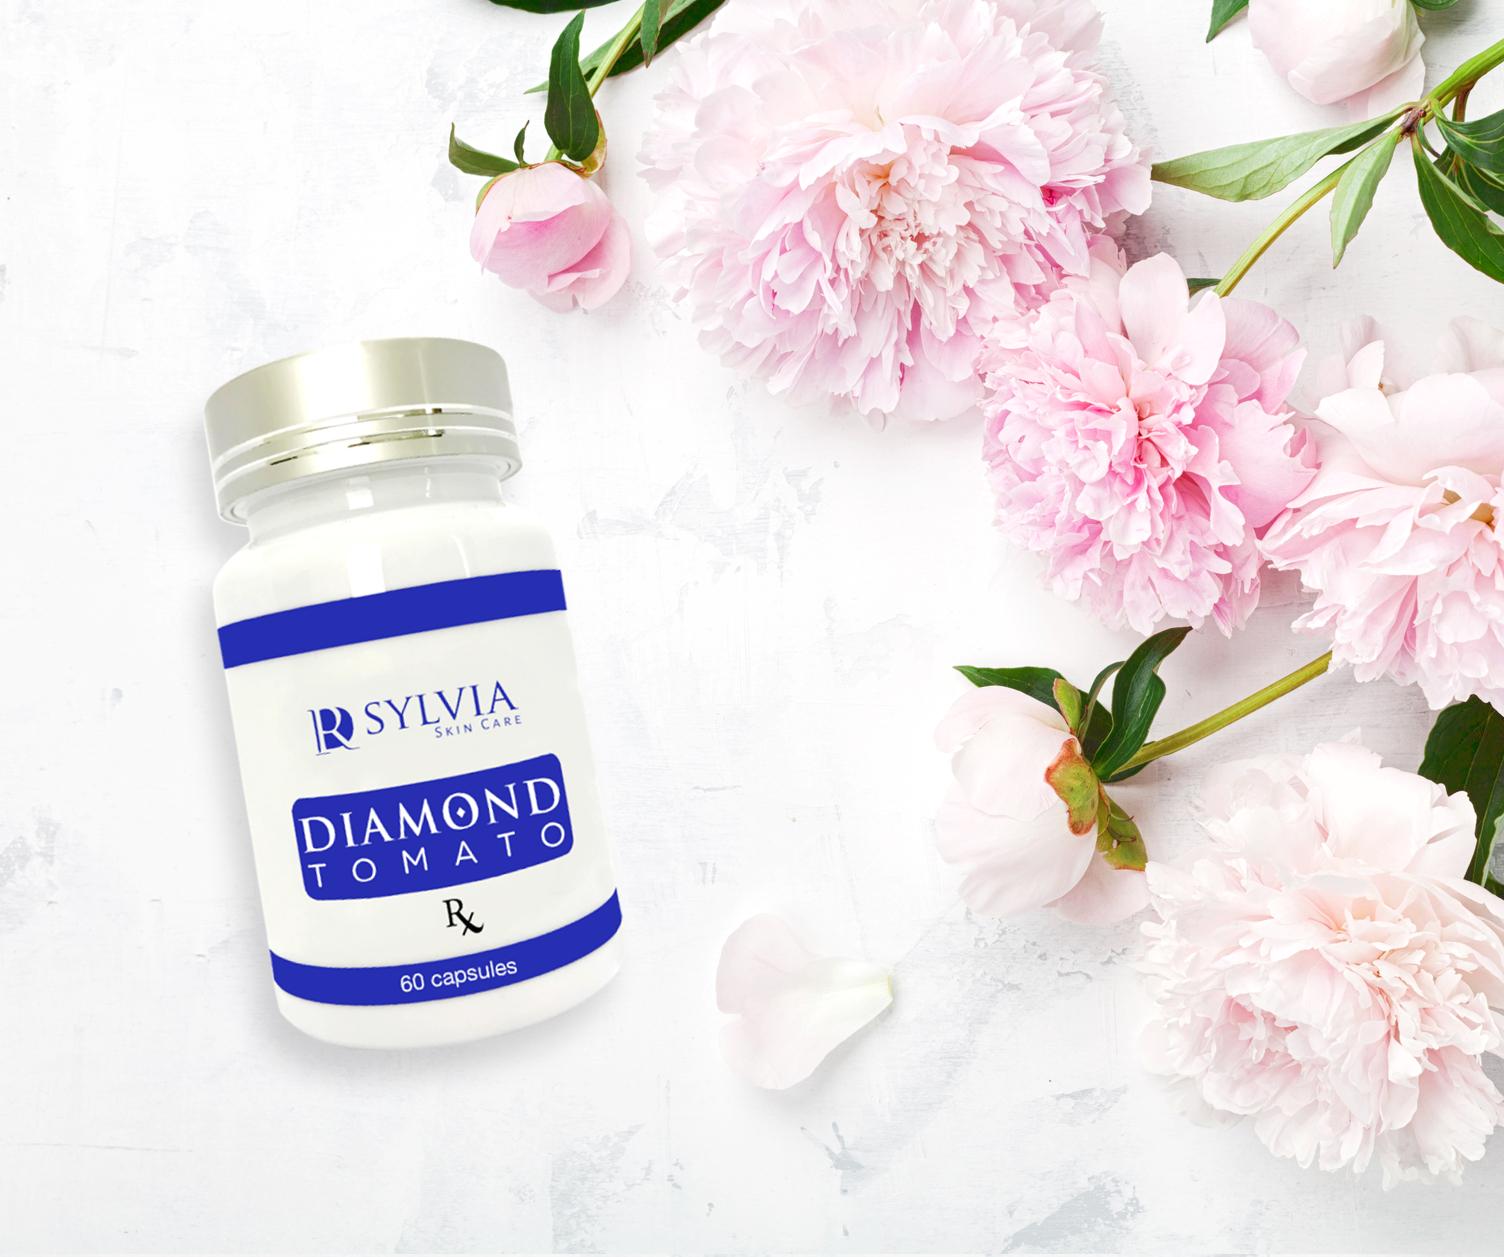 Diamond Tomato Rx Melasma Treatment